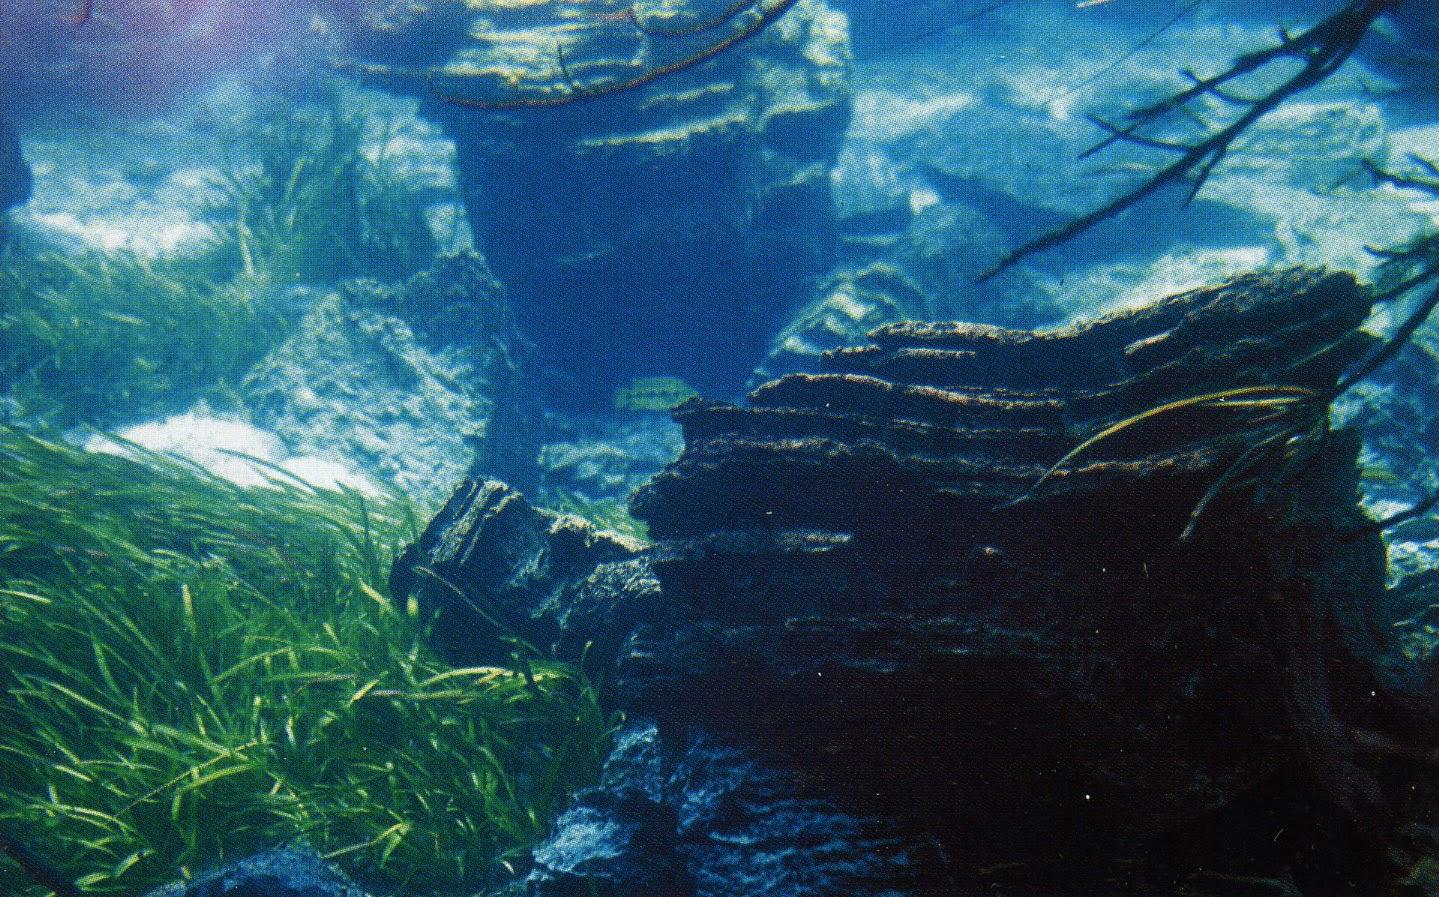 Здесь показана одна из заводей с каменистыми образованиями на заднем плане и зарослями Vallisneria aethiopica на переднем. В своей нижней части озеро отличается довольно сильным течением, заметном на этом подводном фото.